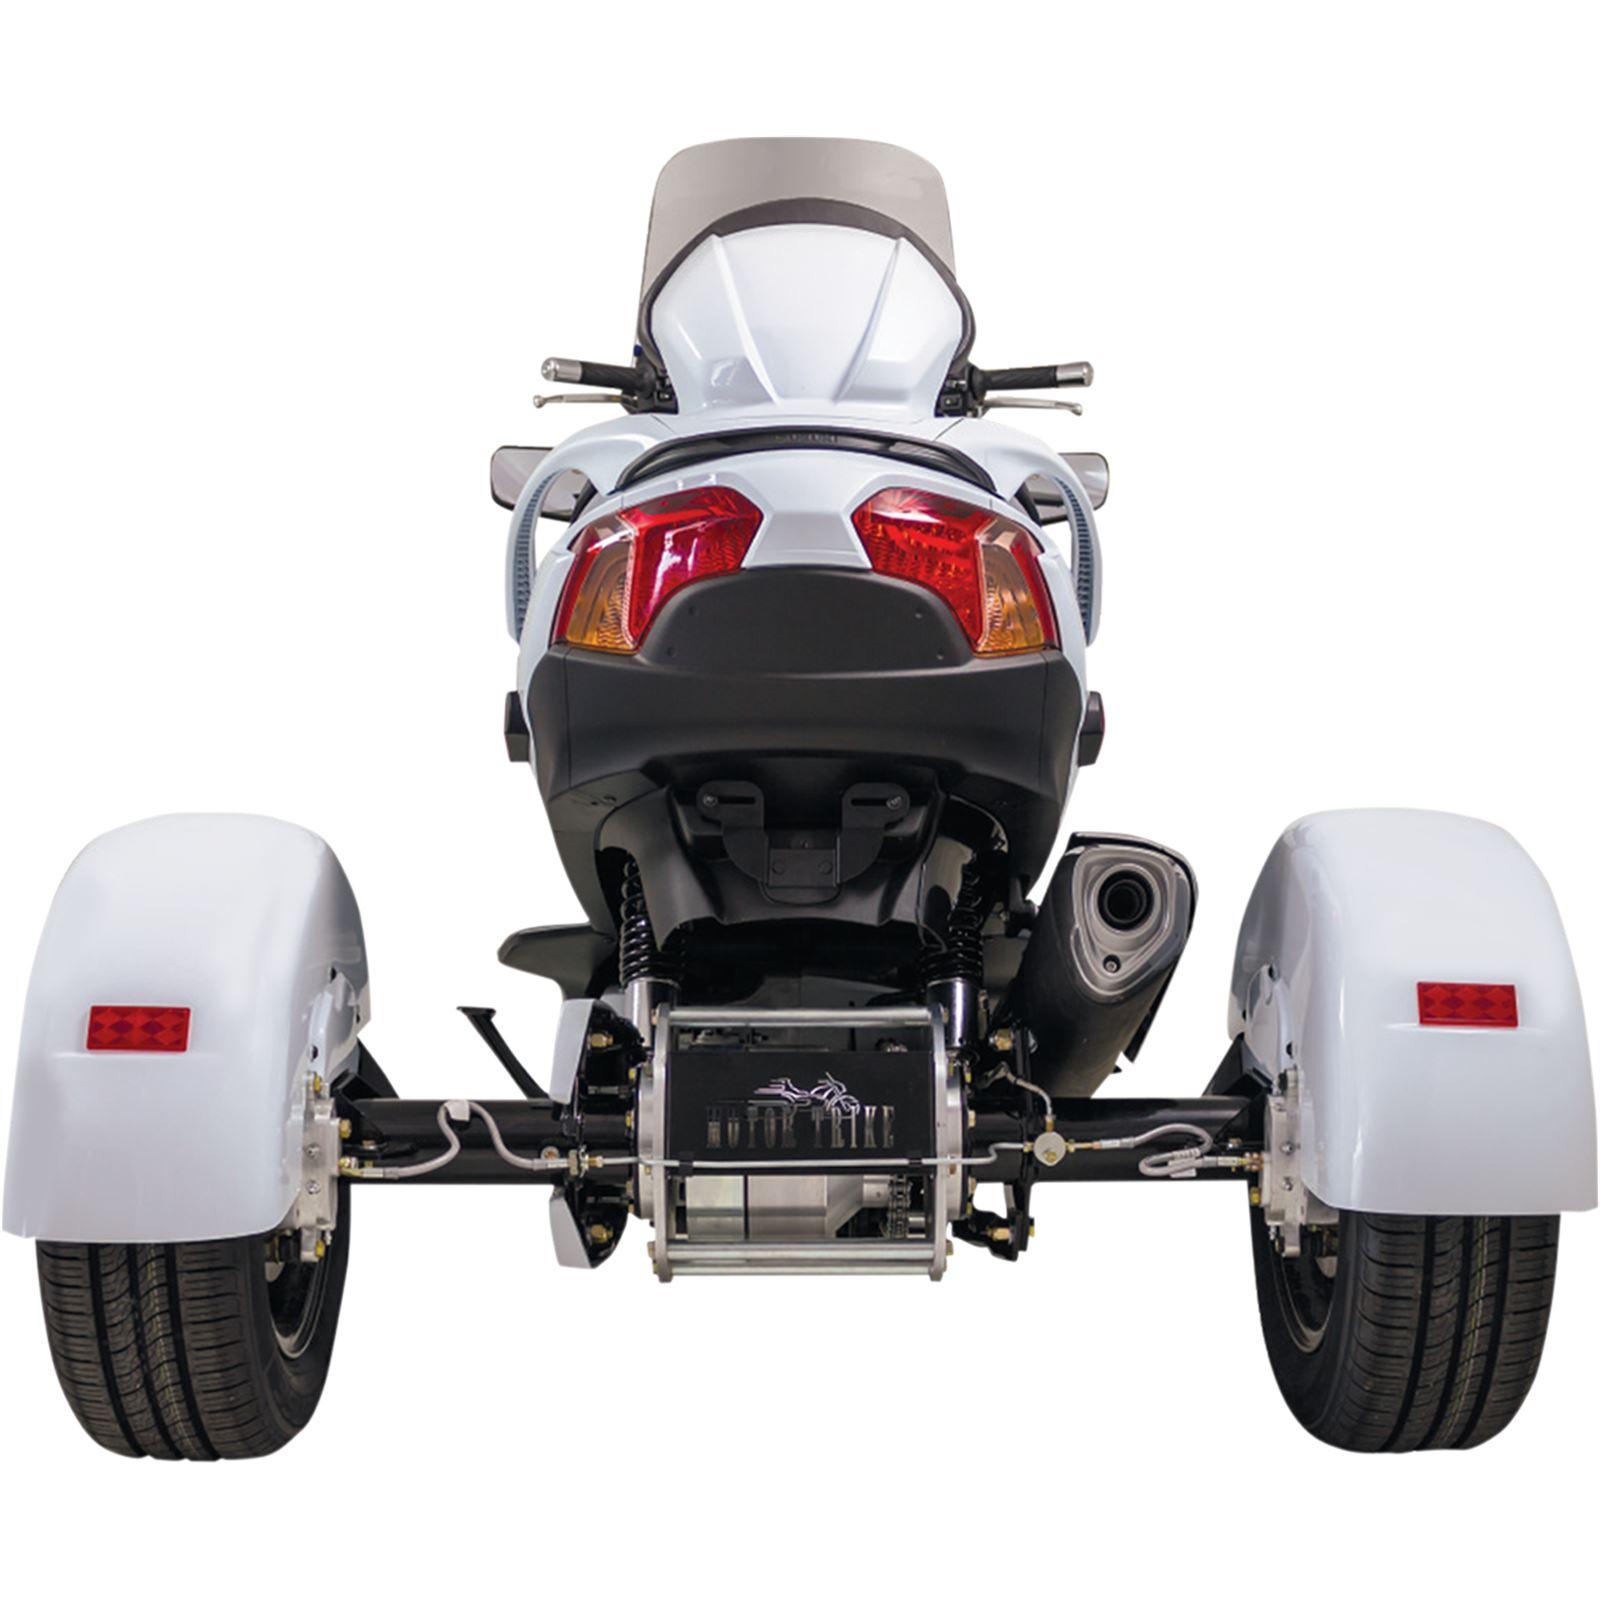 Motor Trike Trike Conversion Kit